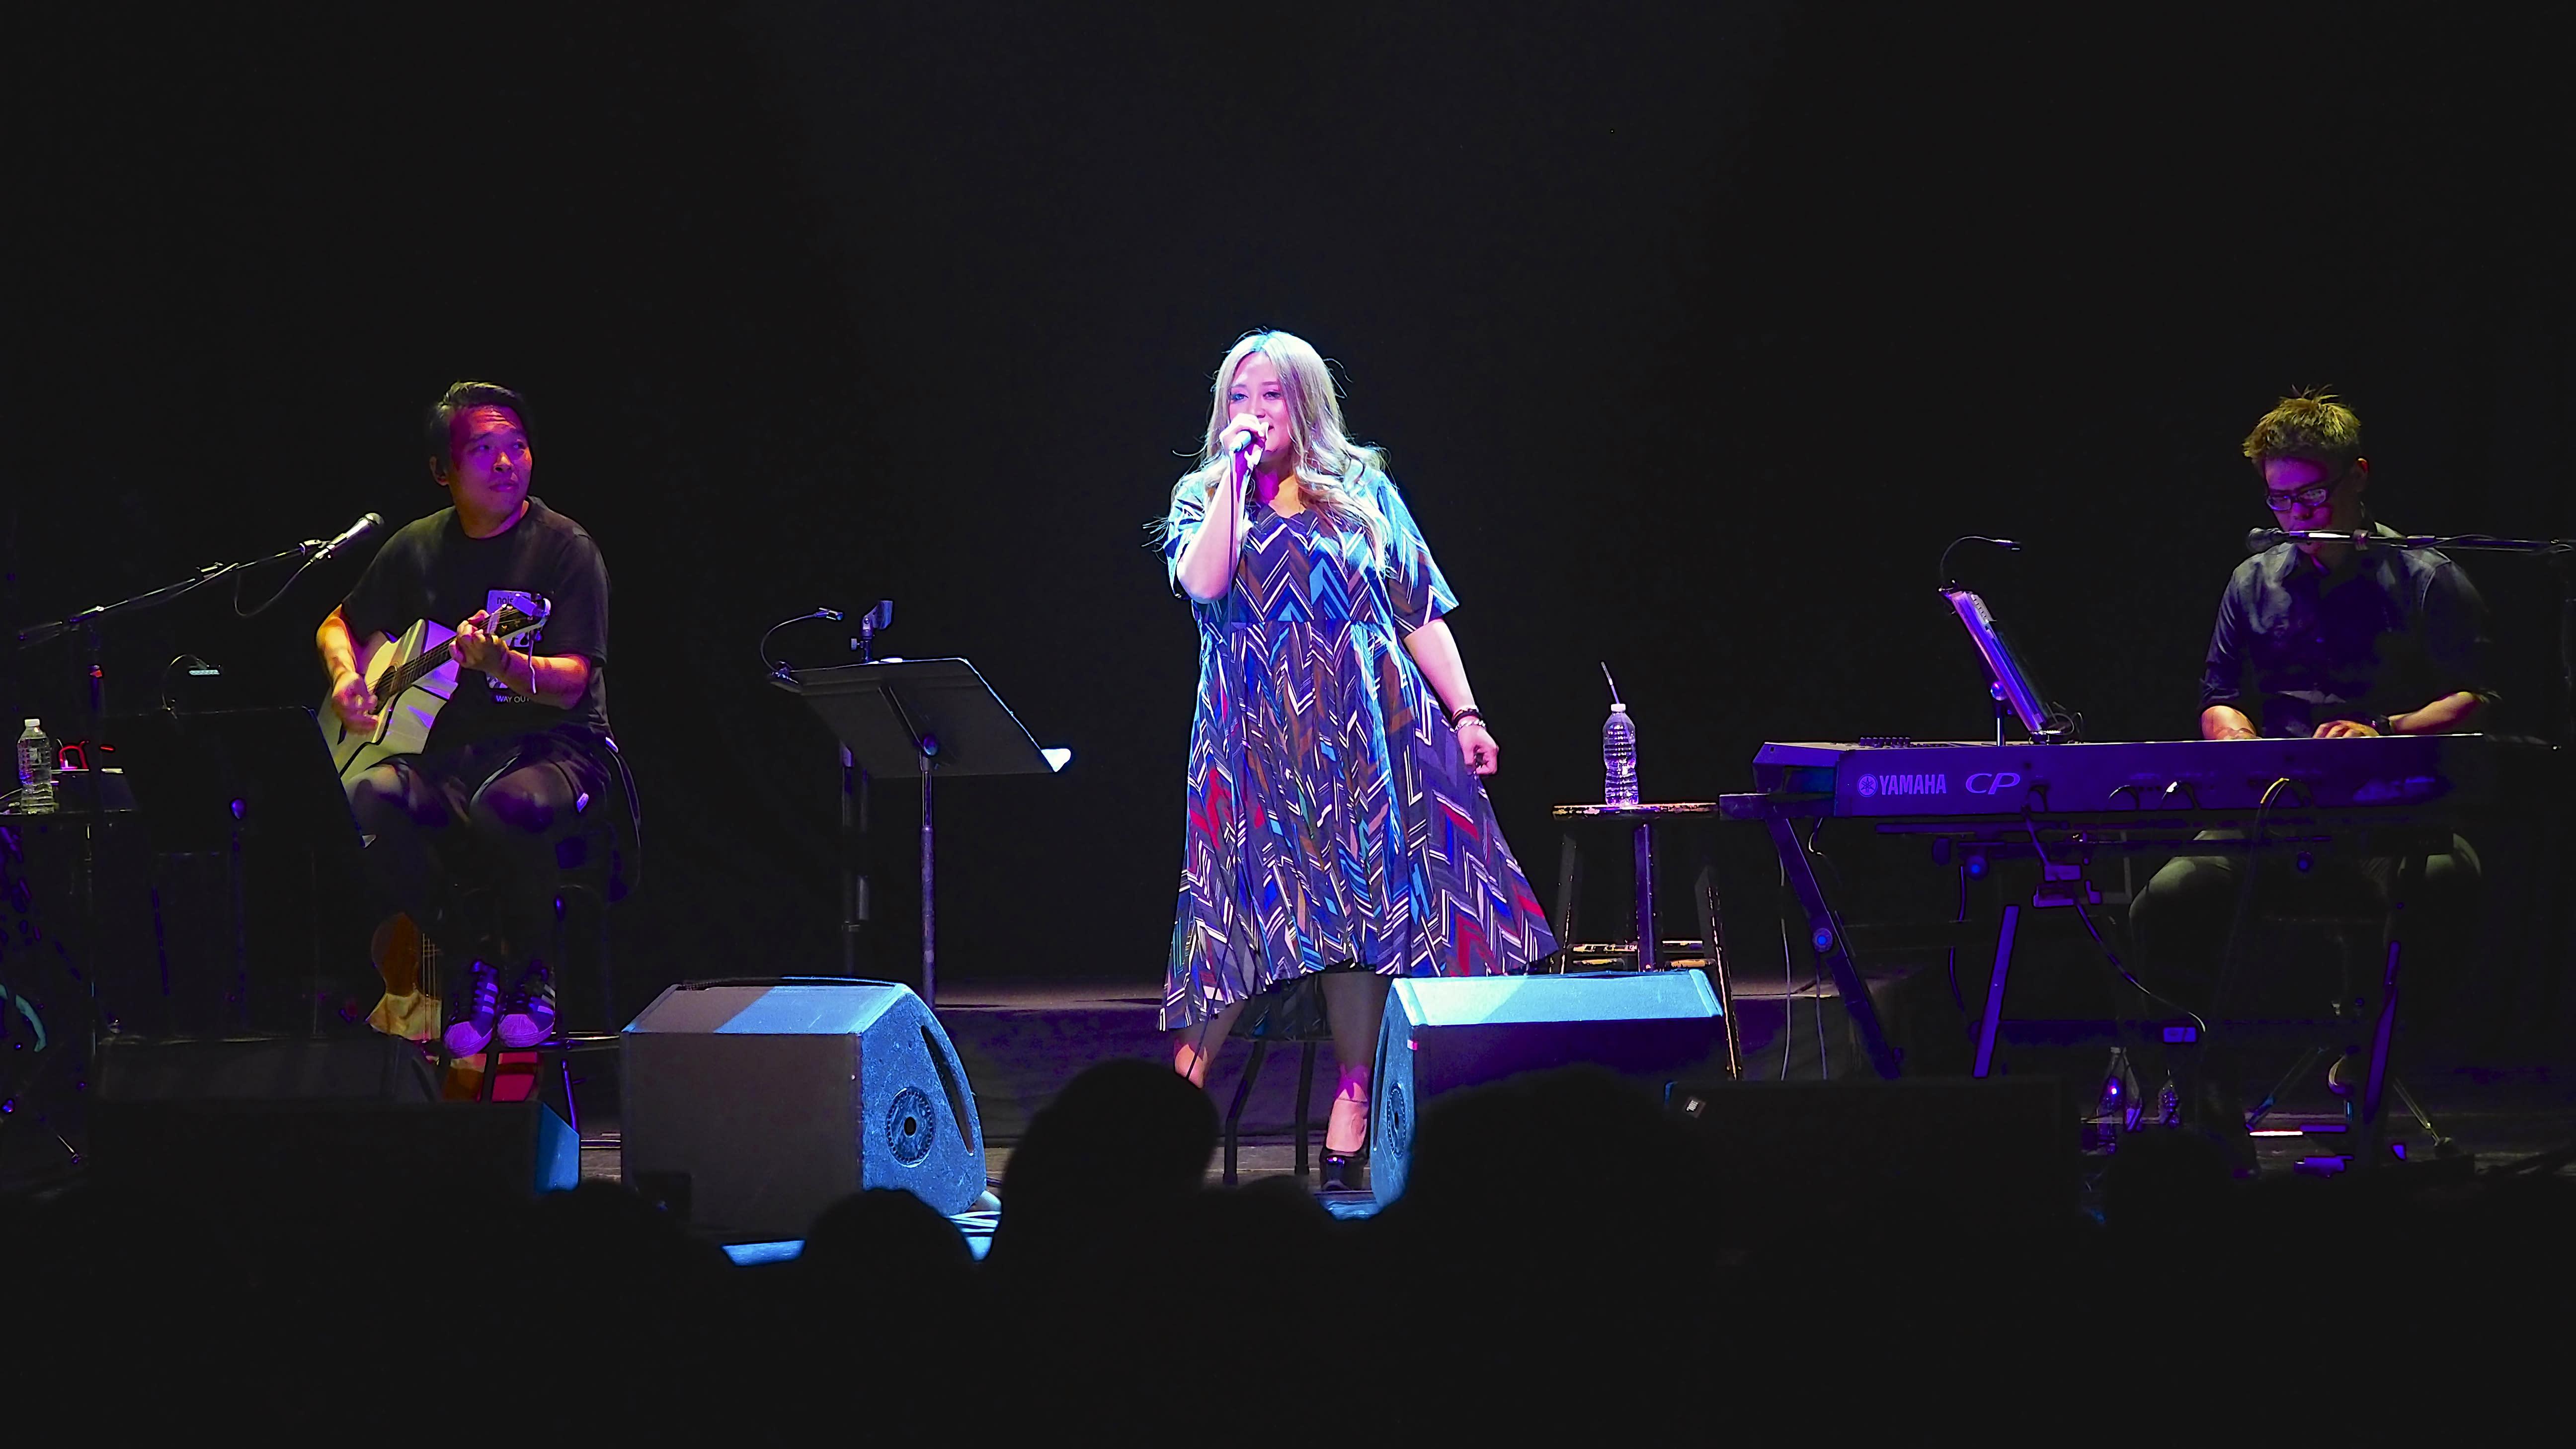 《還是想念》唱到地球另一端 「靈魂歌姬」家家美聲前進美國圈粉